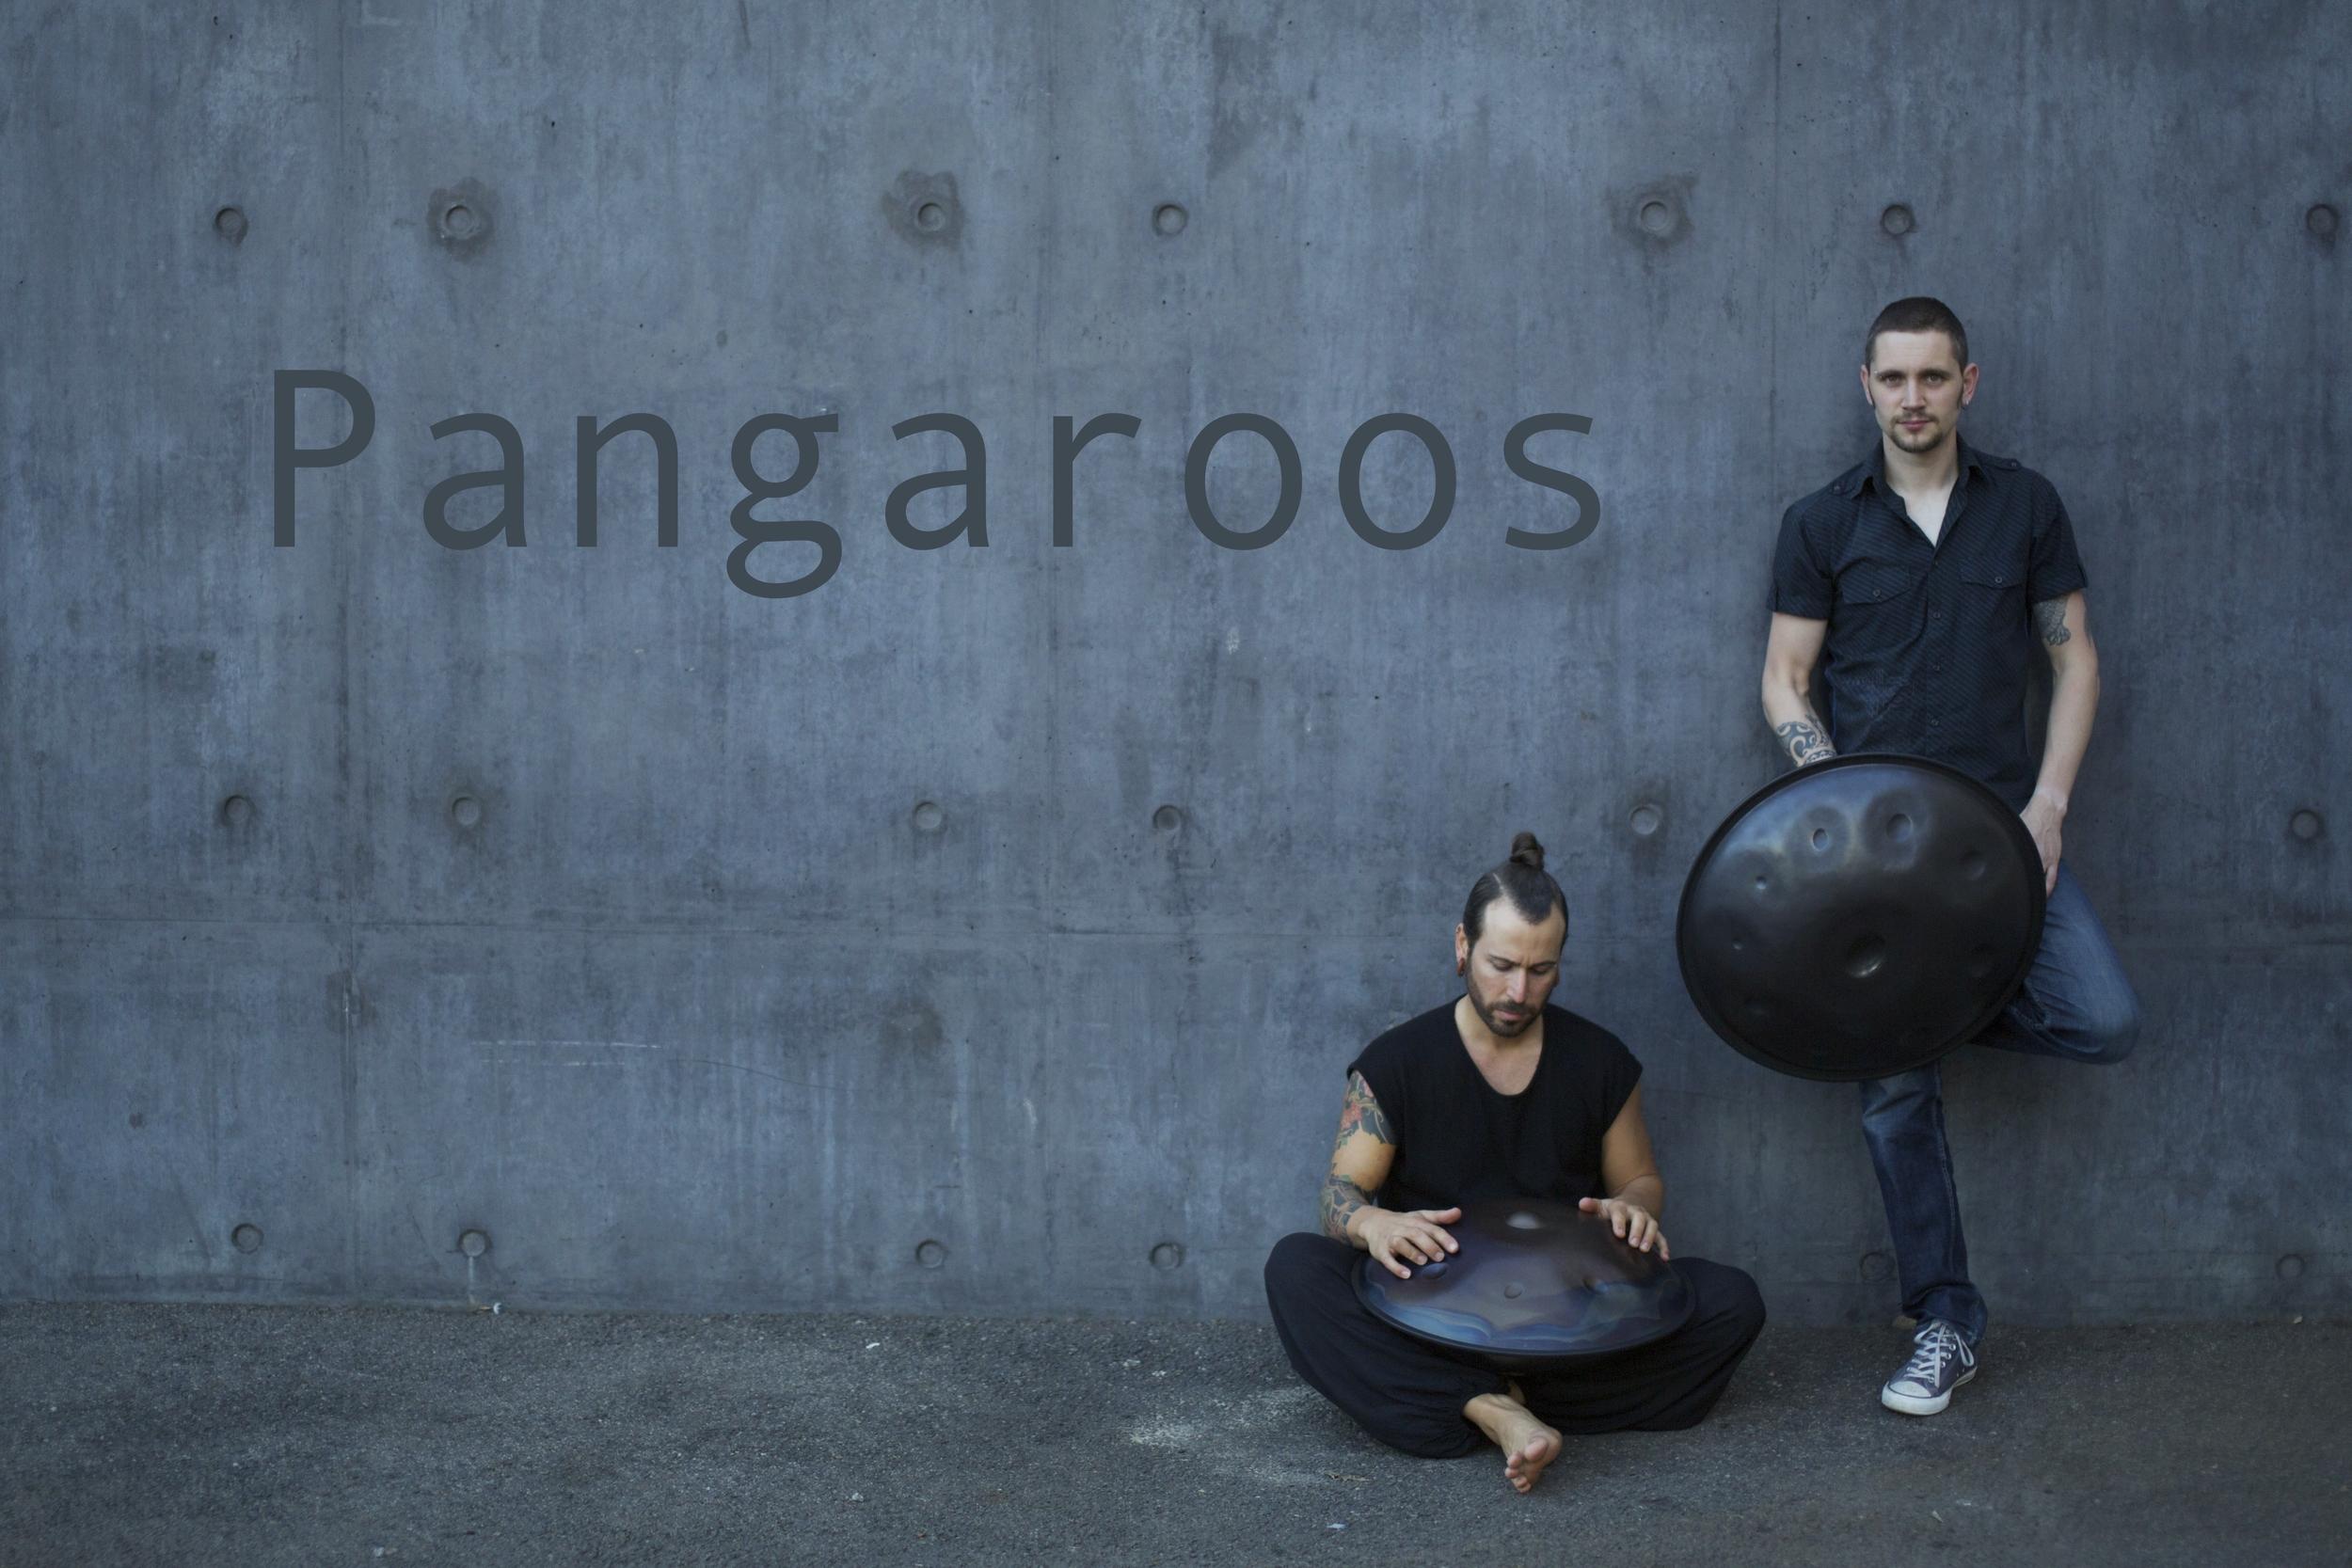 Pangaroos1 FINAL*.jpg